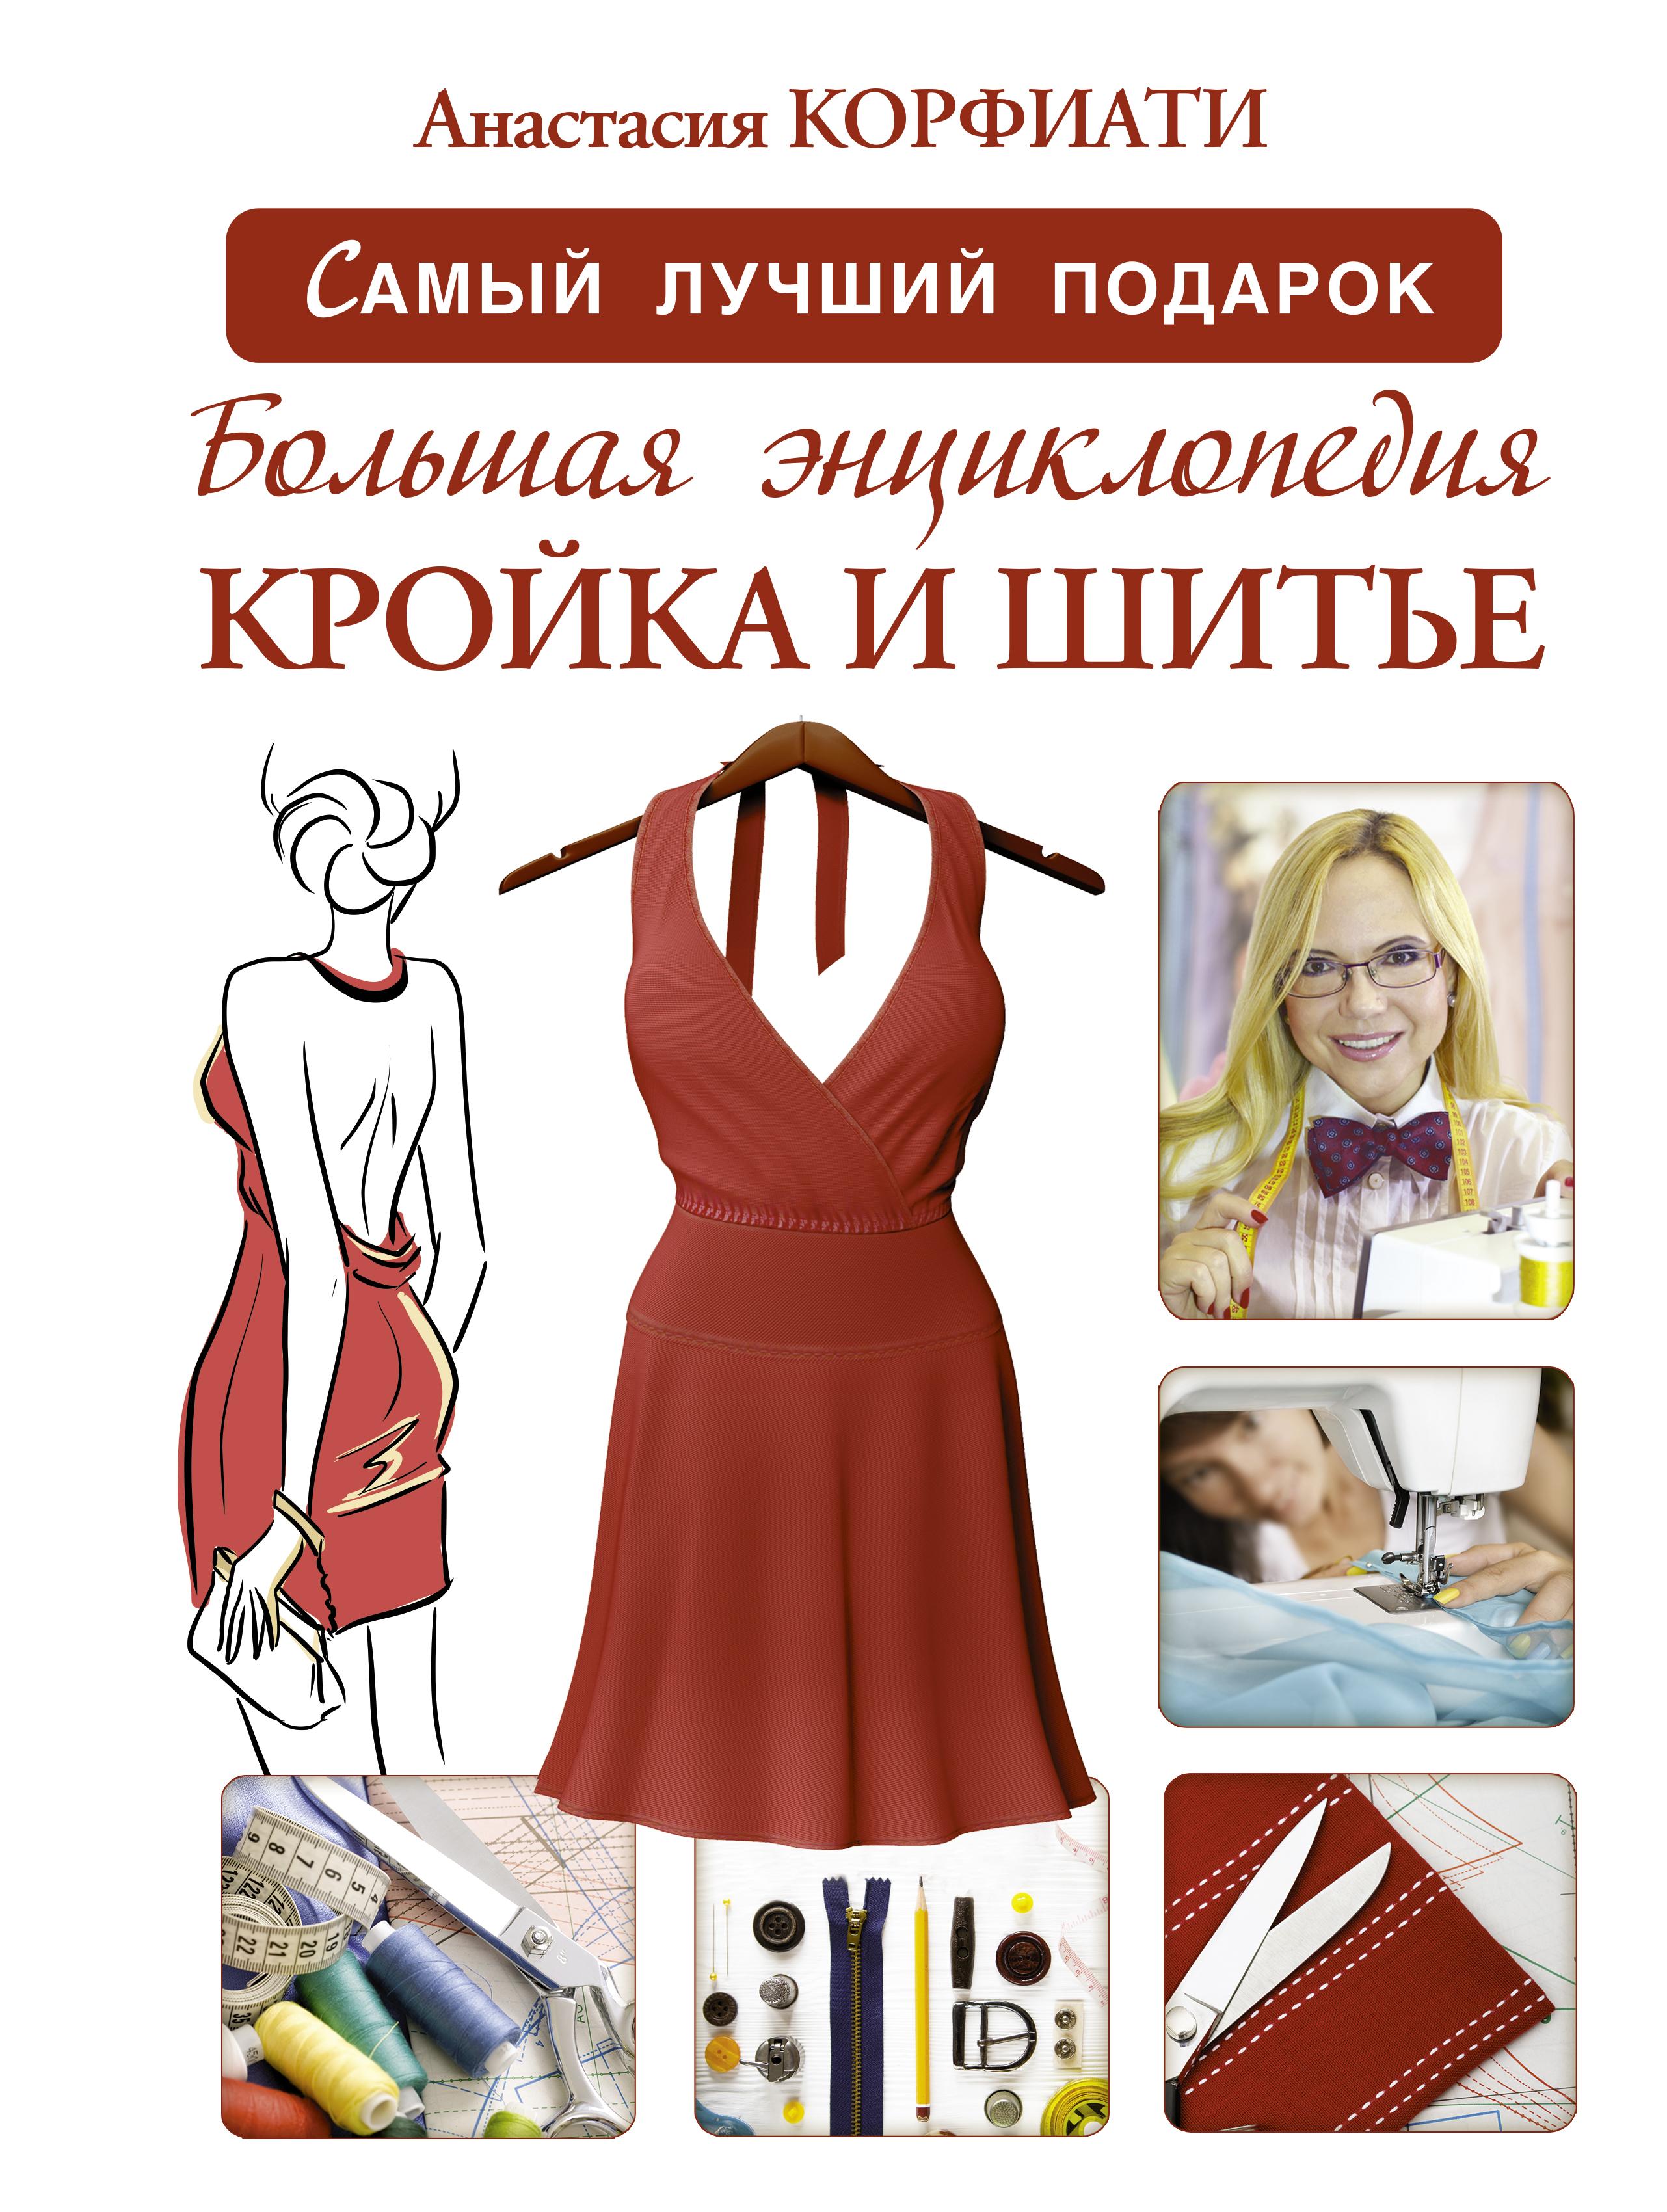 Обучения шитью одежды